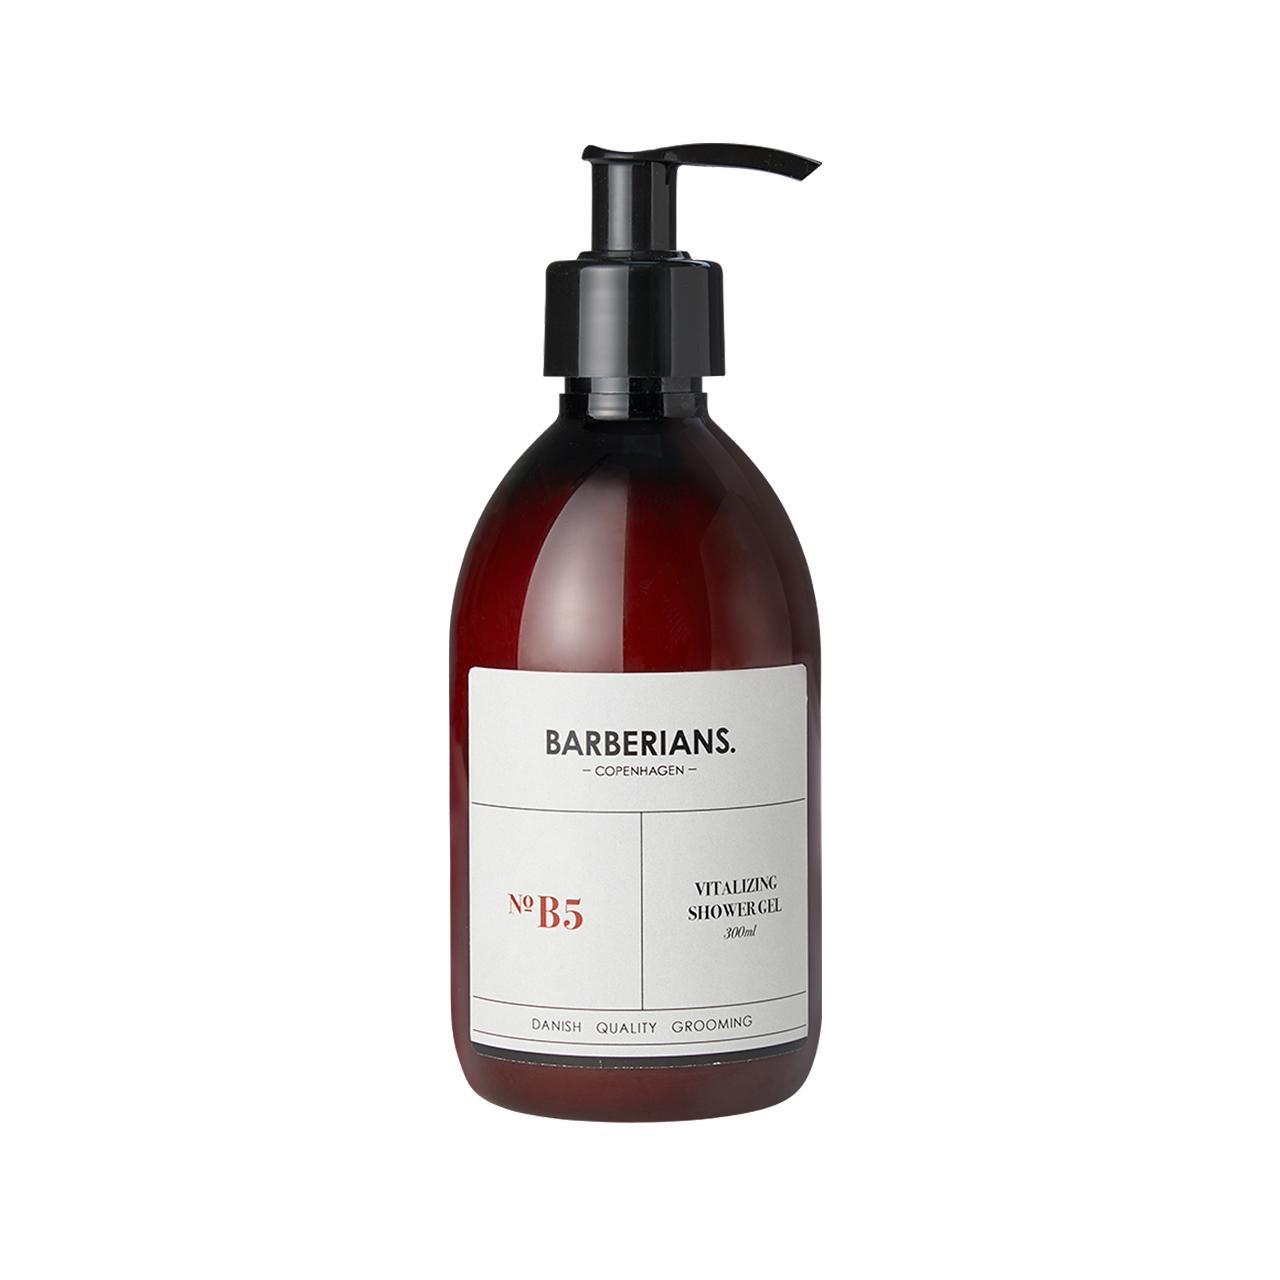 Vitalizing Shower Gel